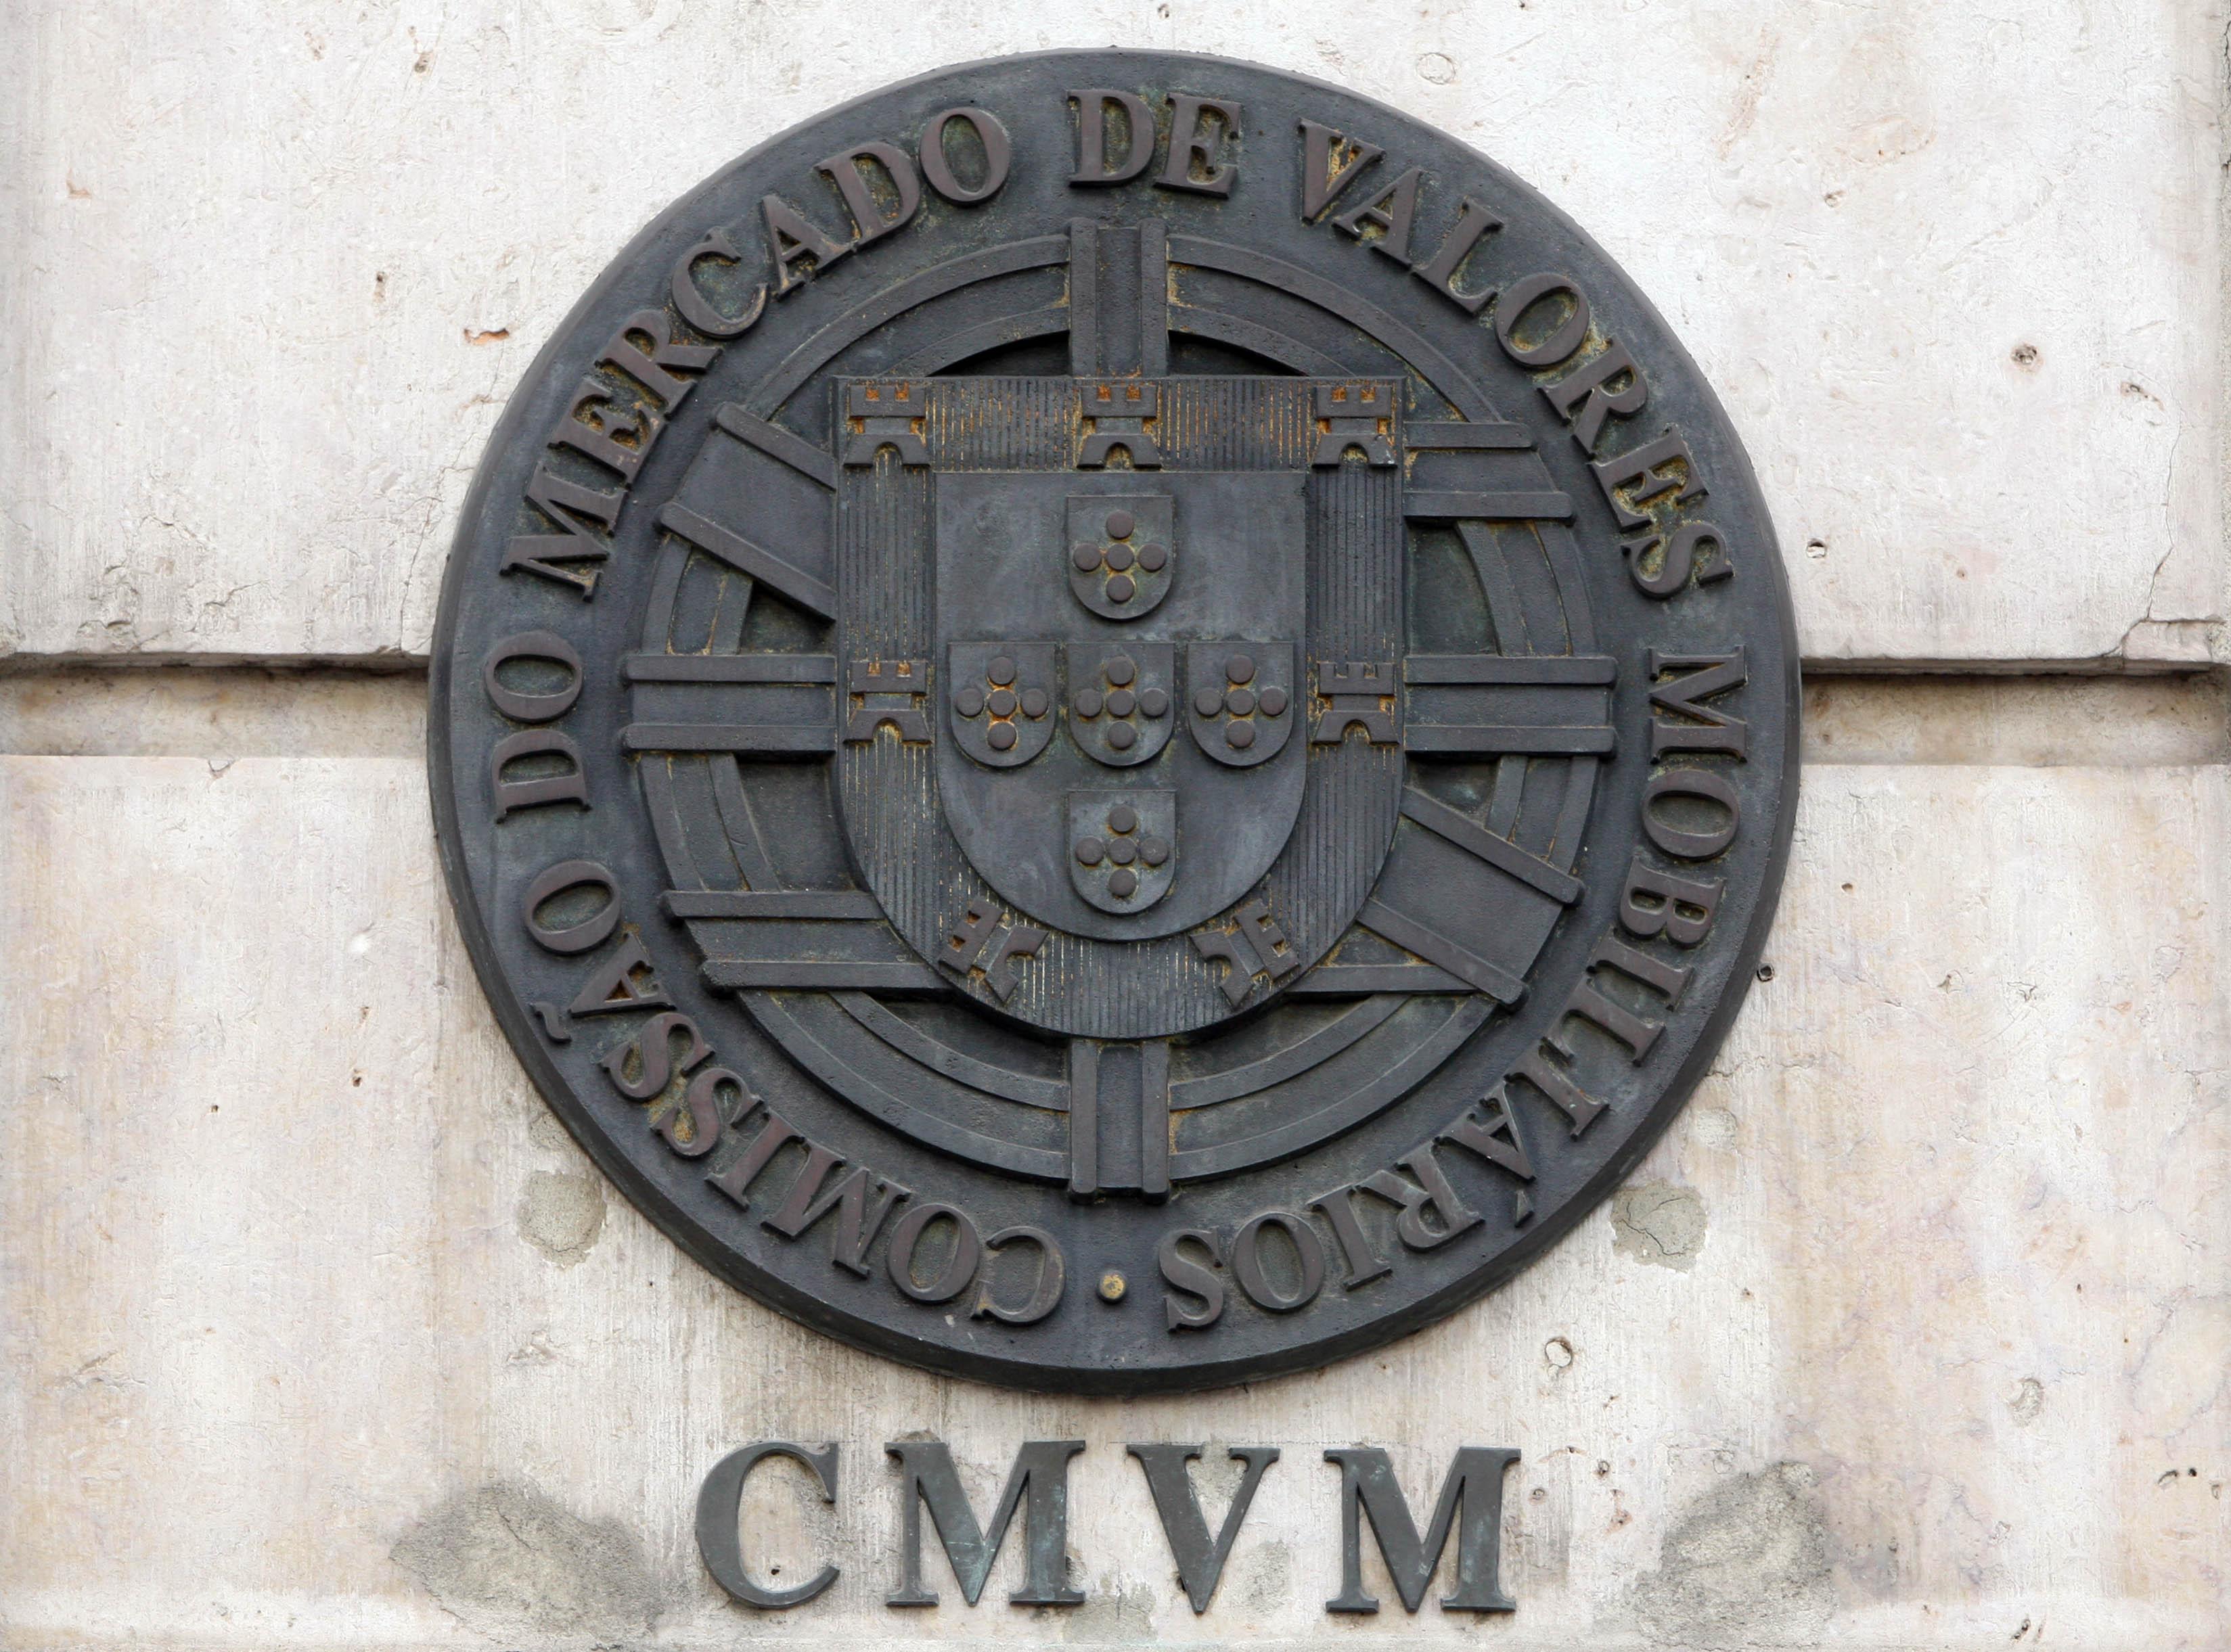 Inquérito da CMVM sugere que investidores sobreavaliam conhecimentos